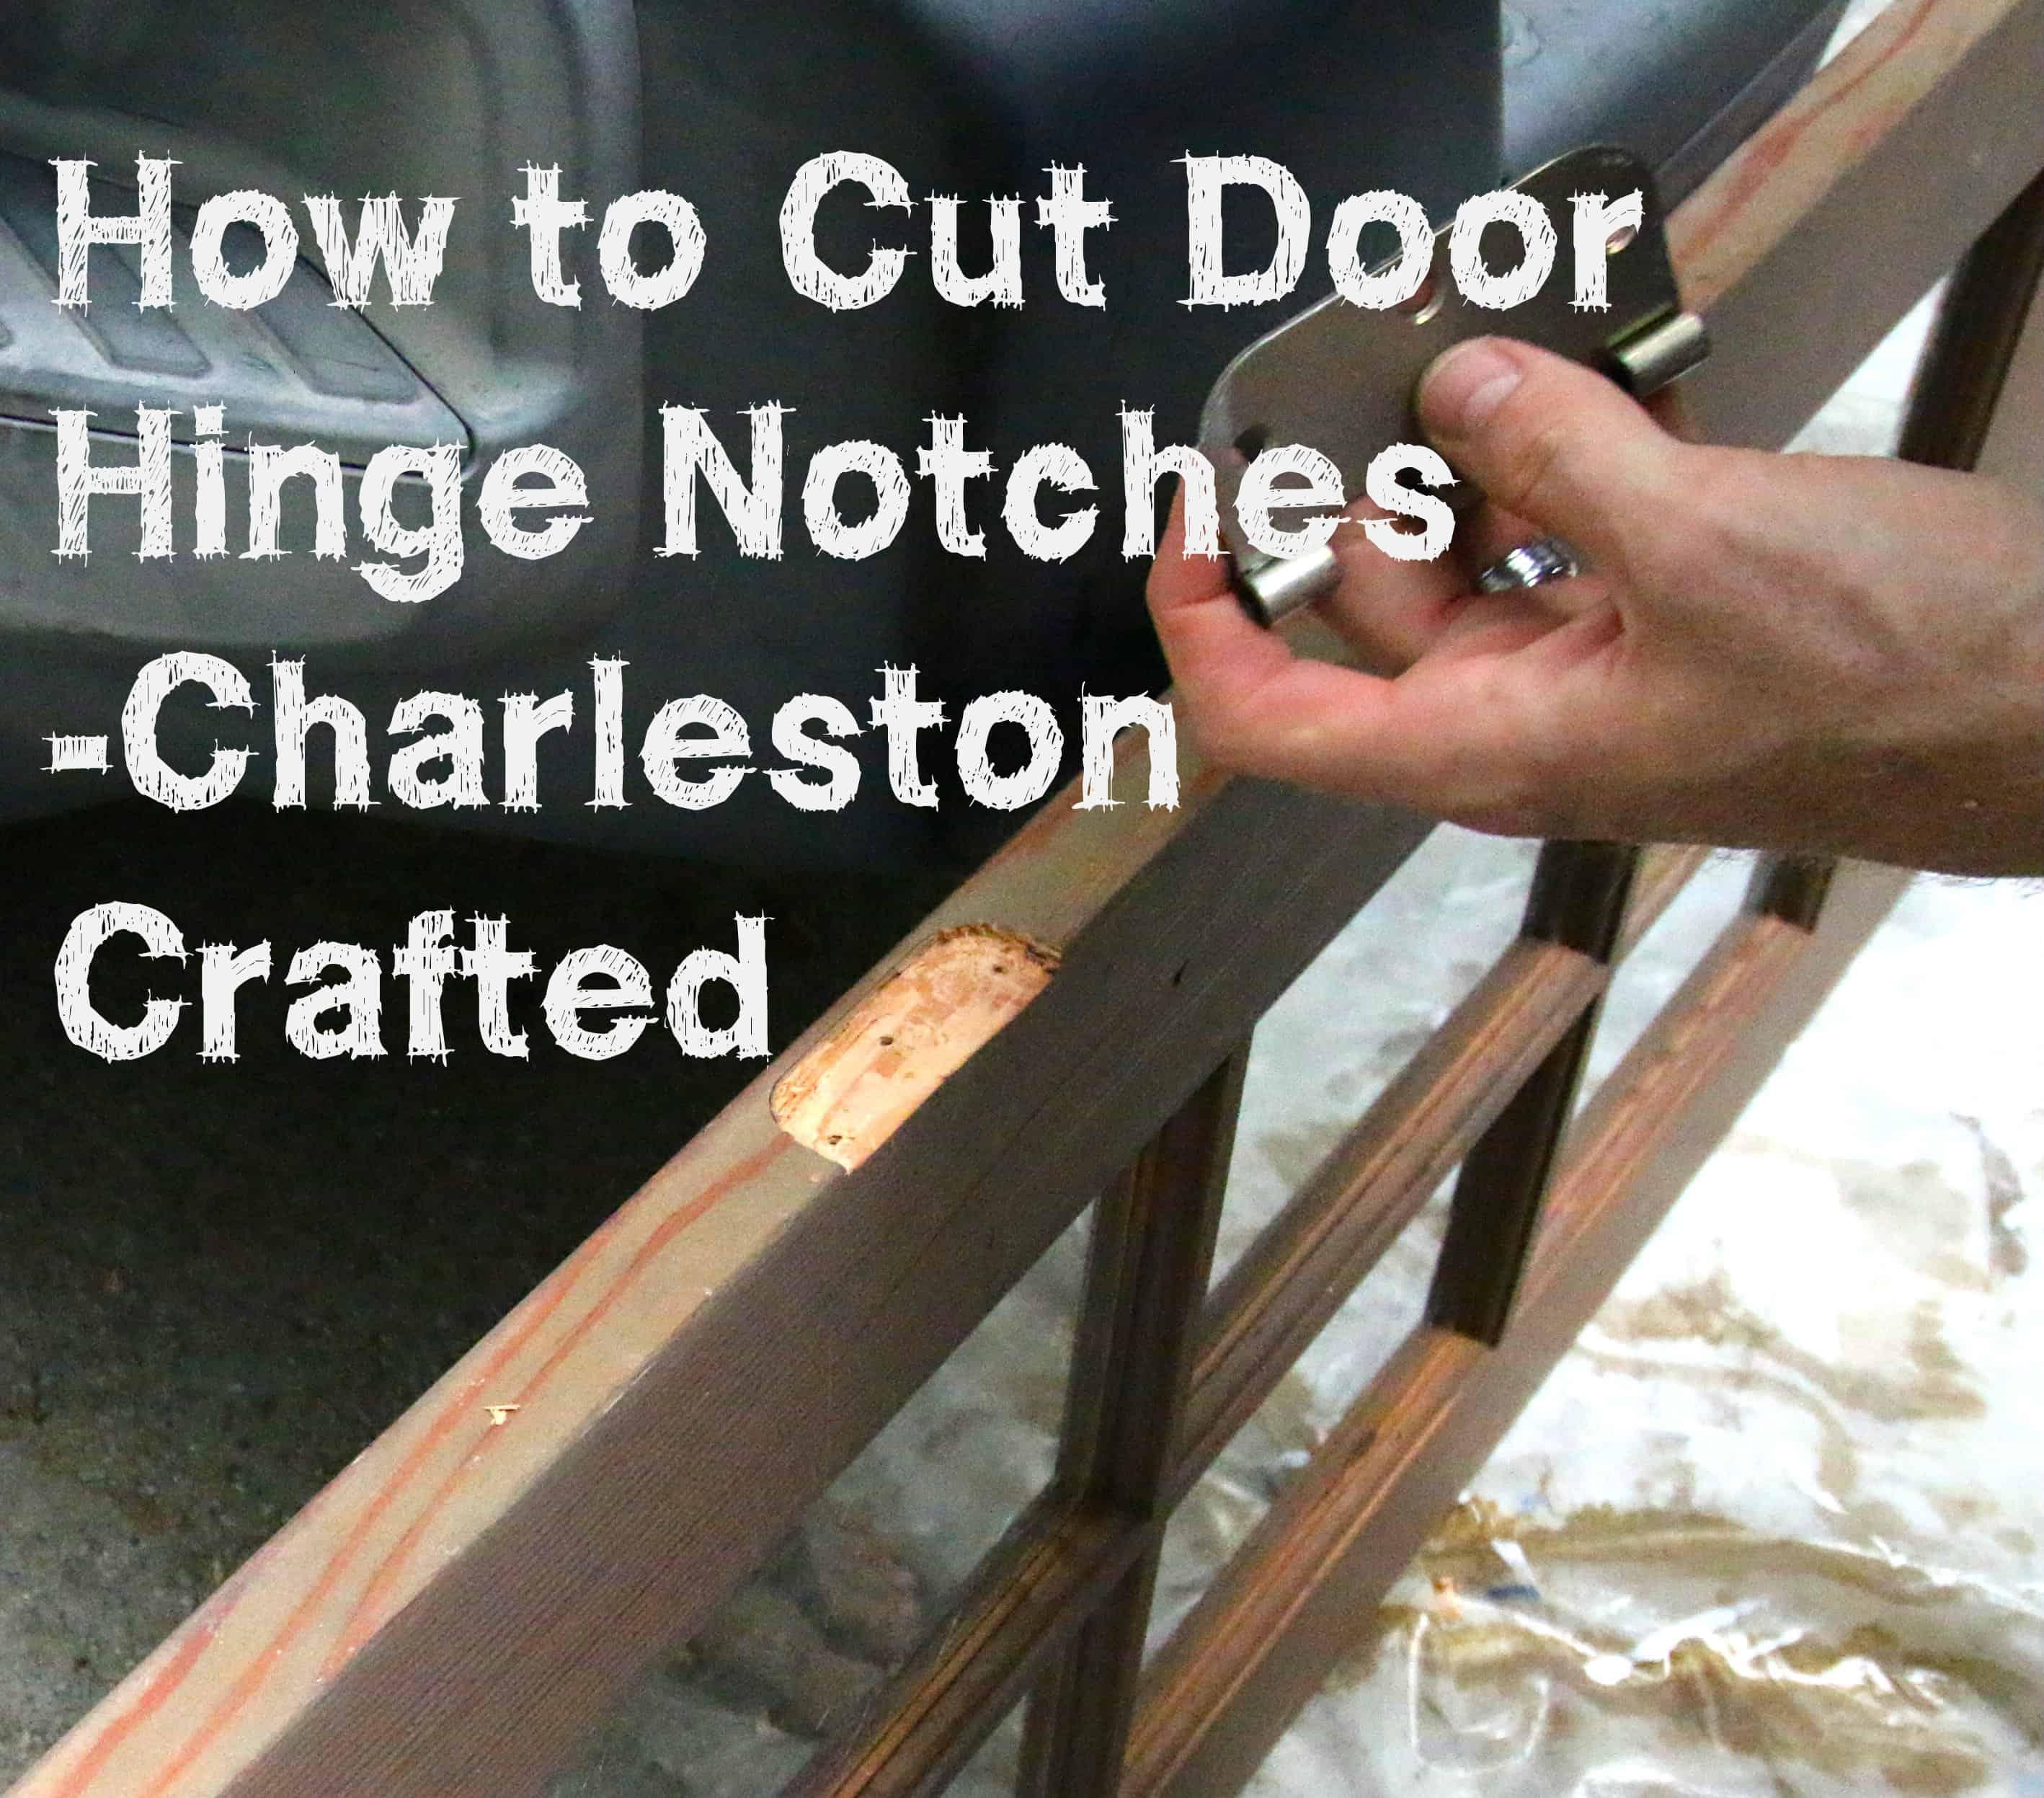 How To Cut Door Hinges